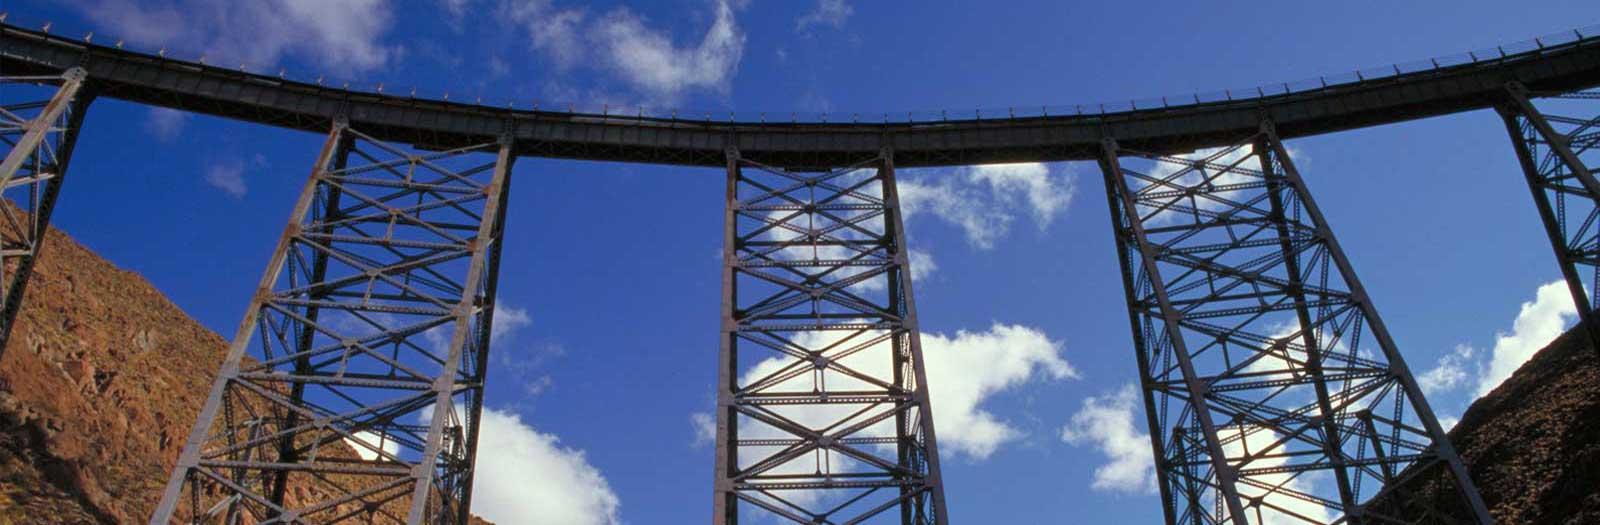 Viaducto La Polvorilla, San Antonio de los Cobres, Salta